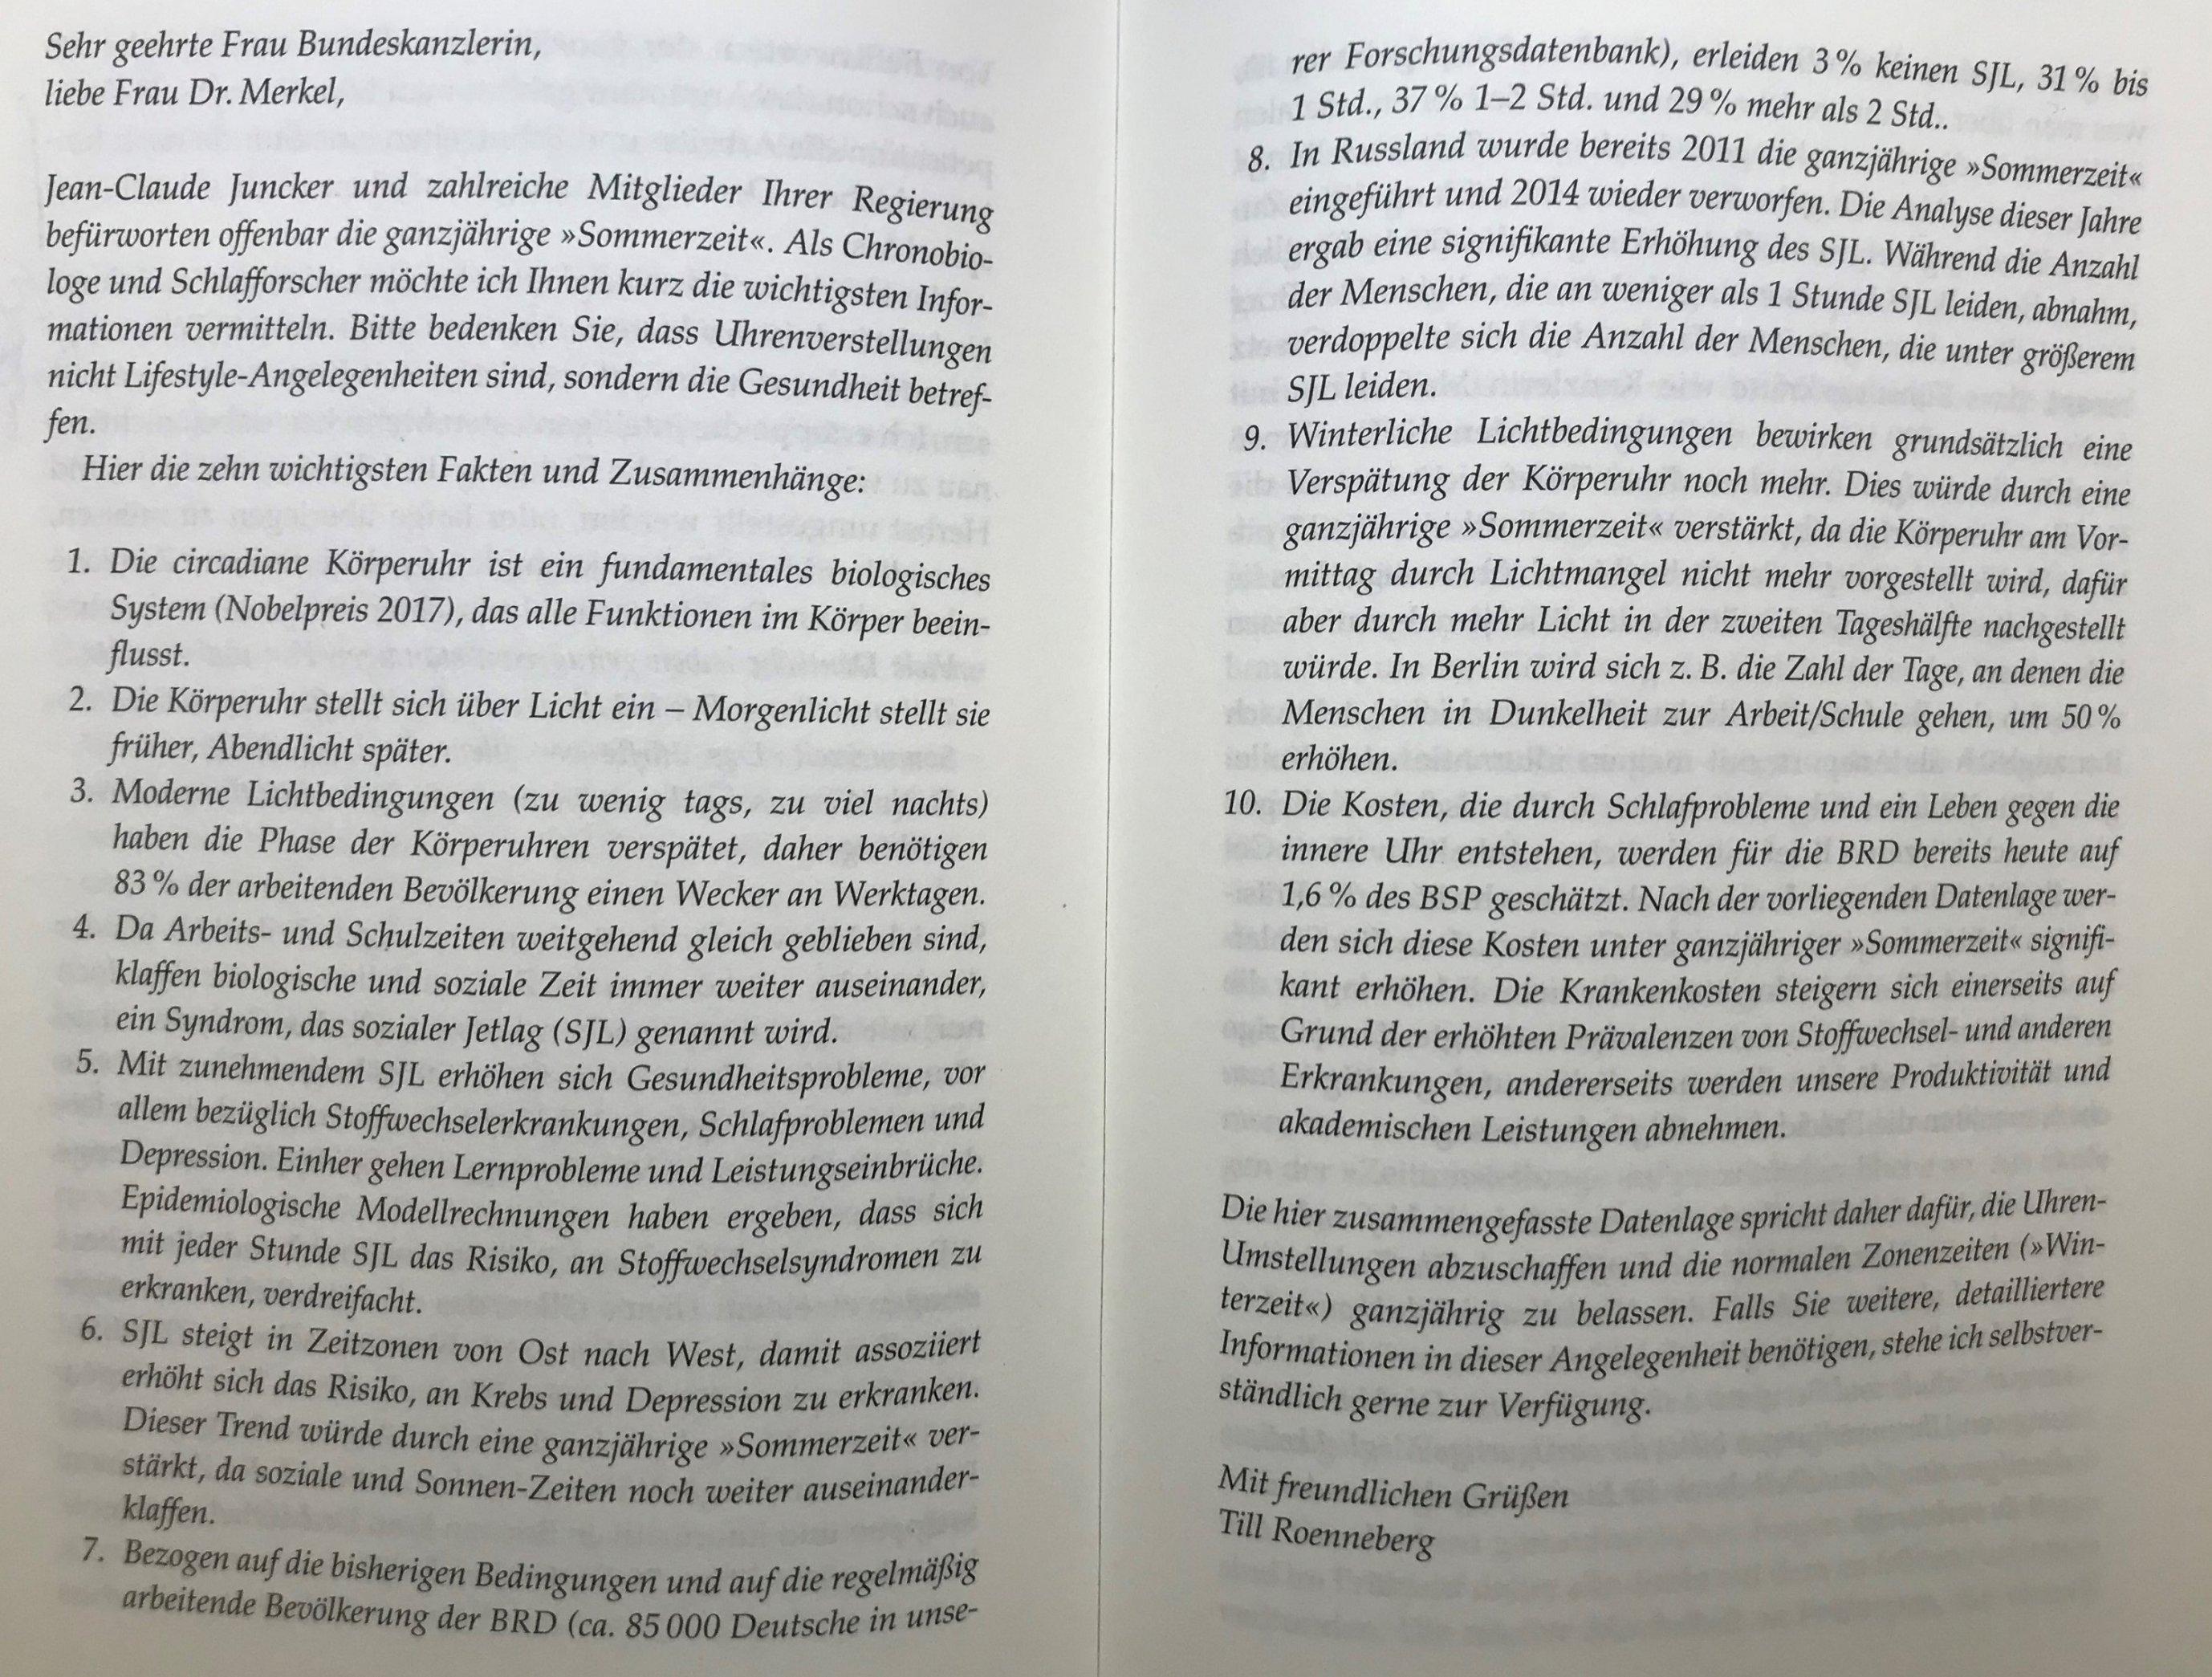 Offener Brief von Till Roenneberg an Angela Merkel.